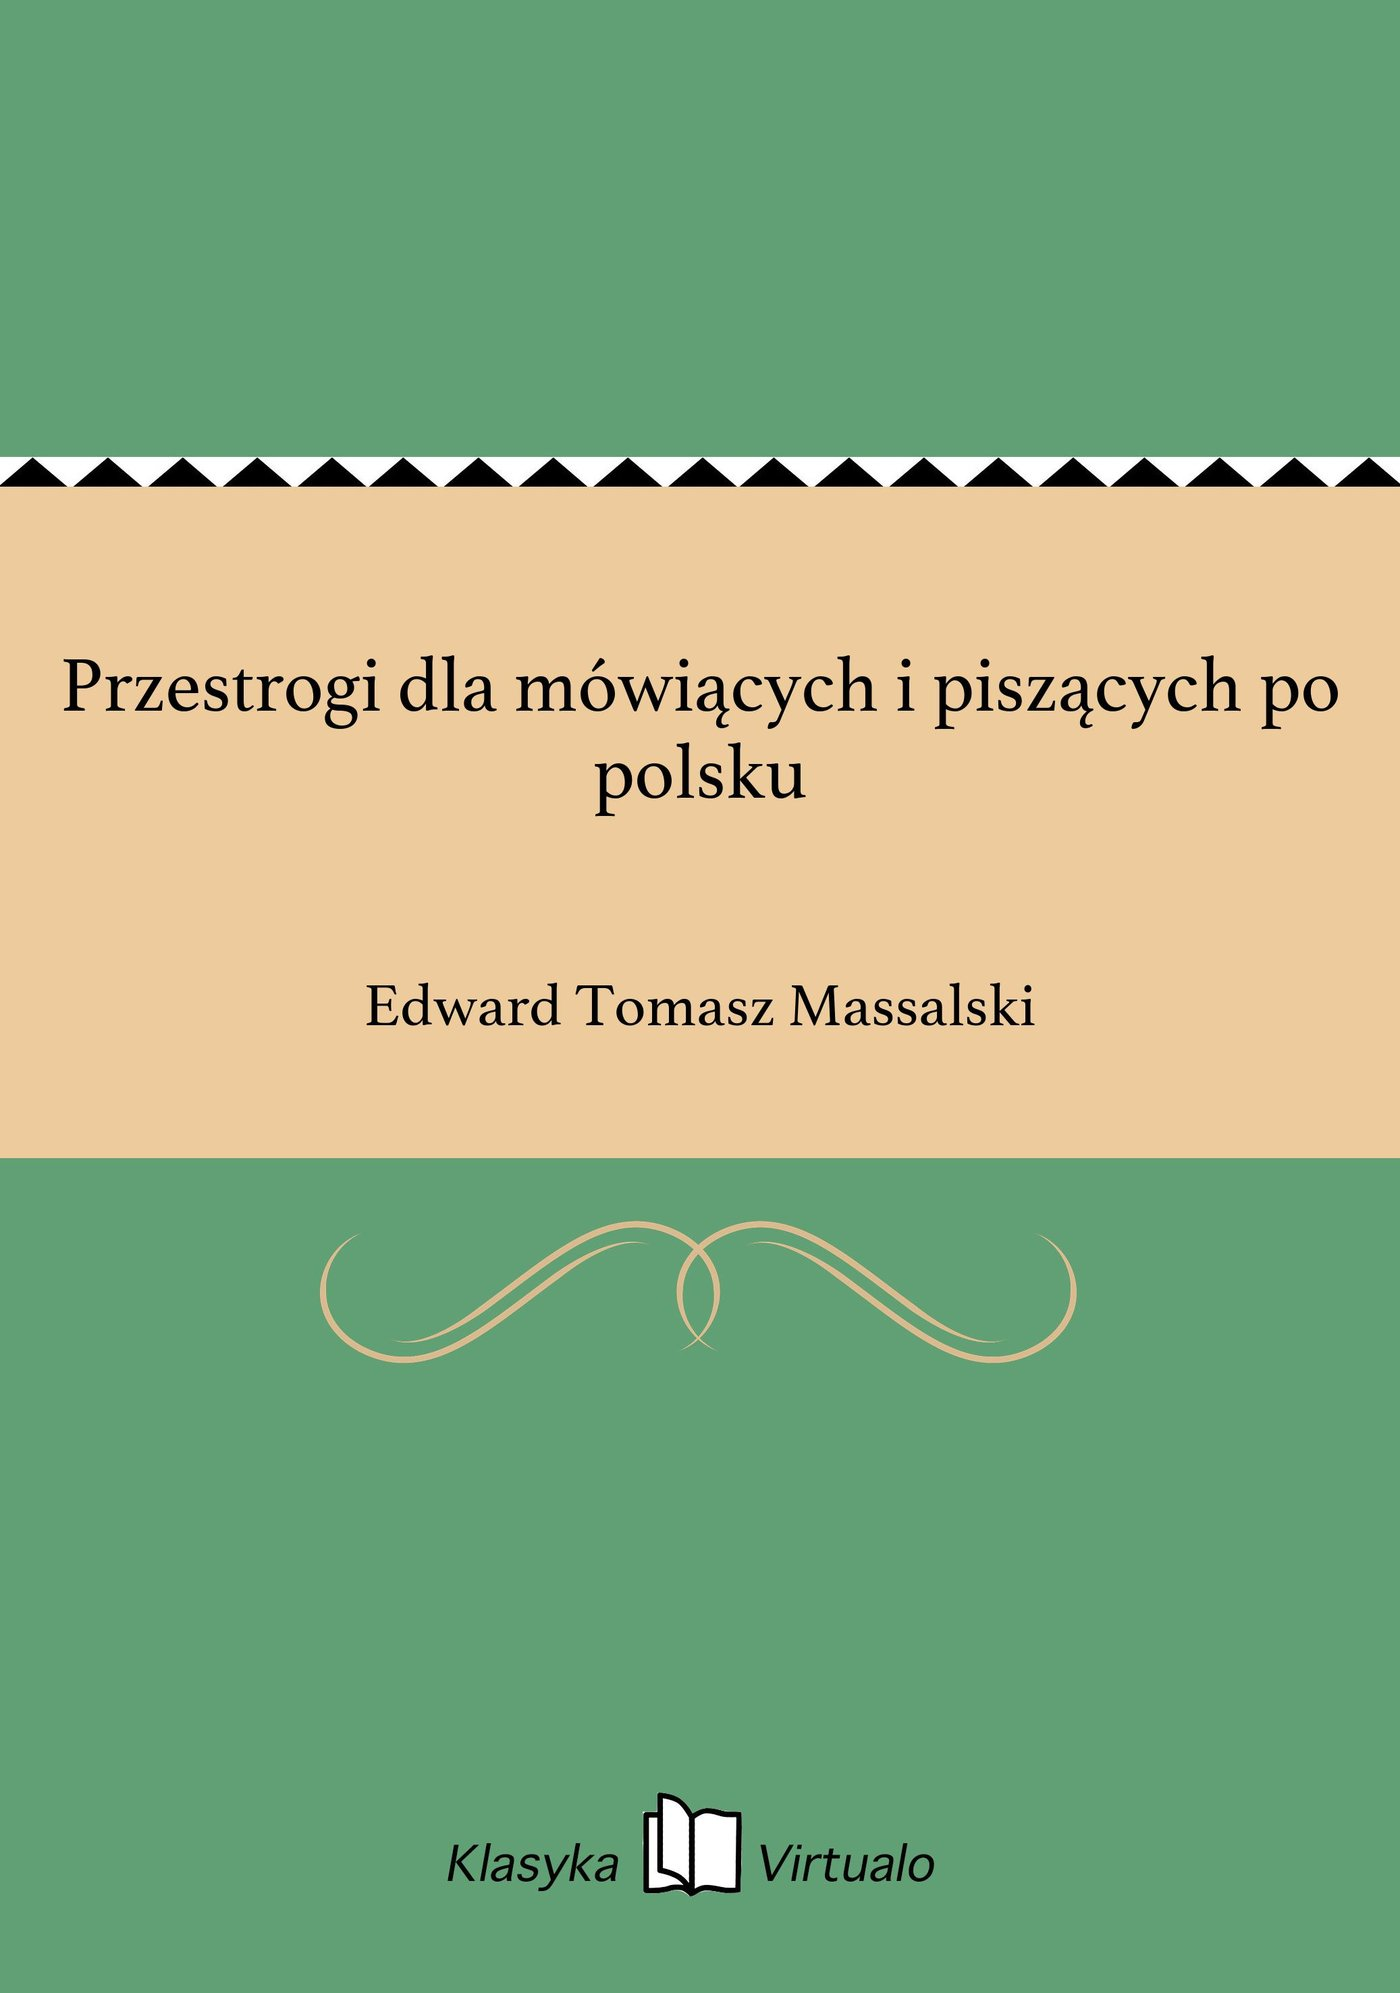 Przestrogi dla mówiących i piszących po polsku - Ebook (Książka EPUB) do pobrania w formacie EPUB